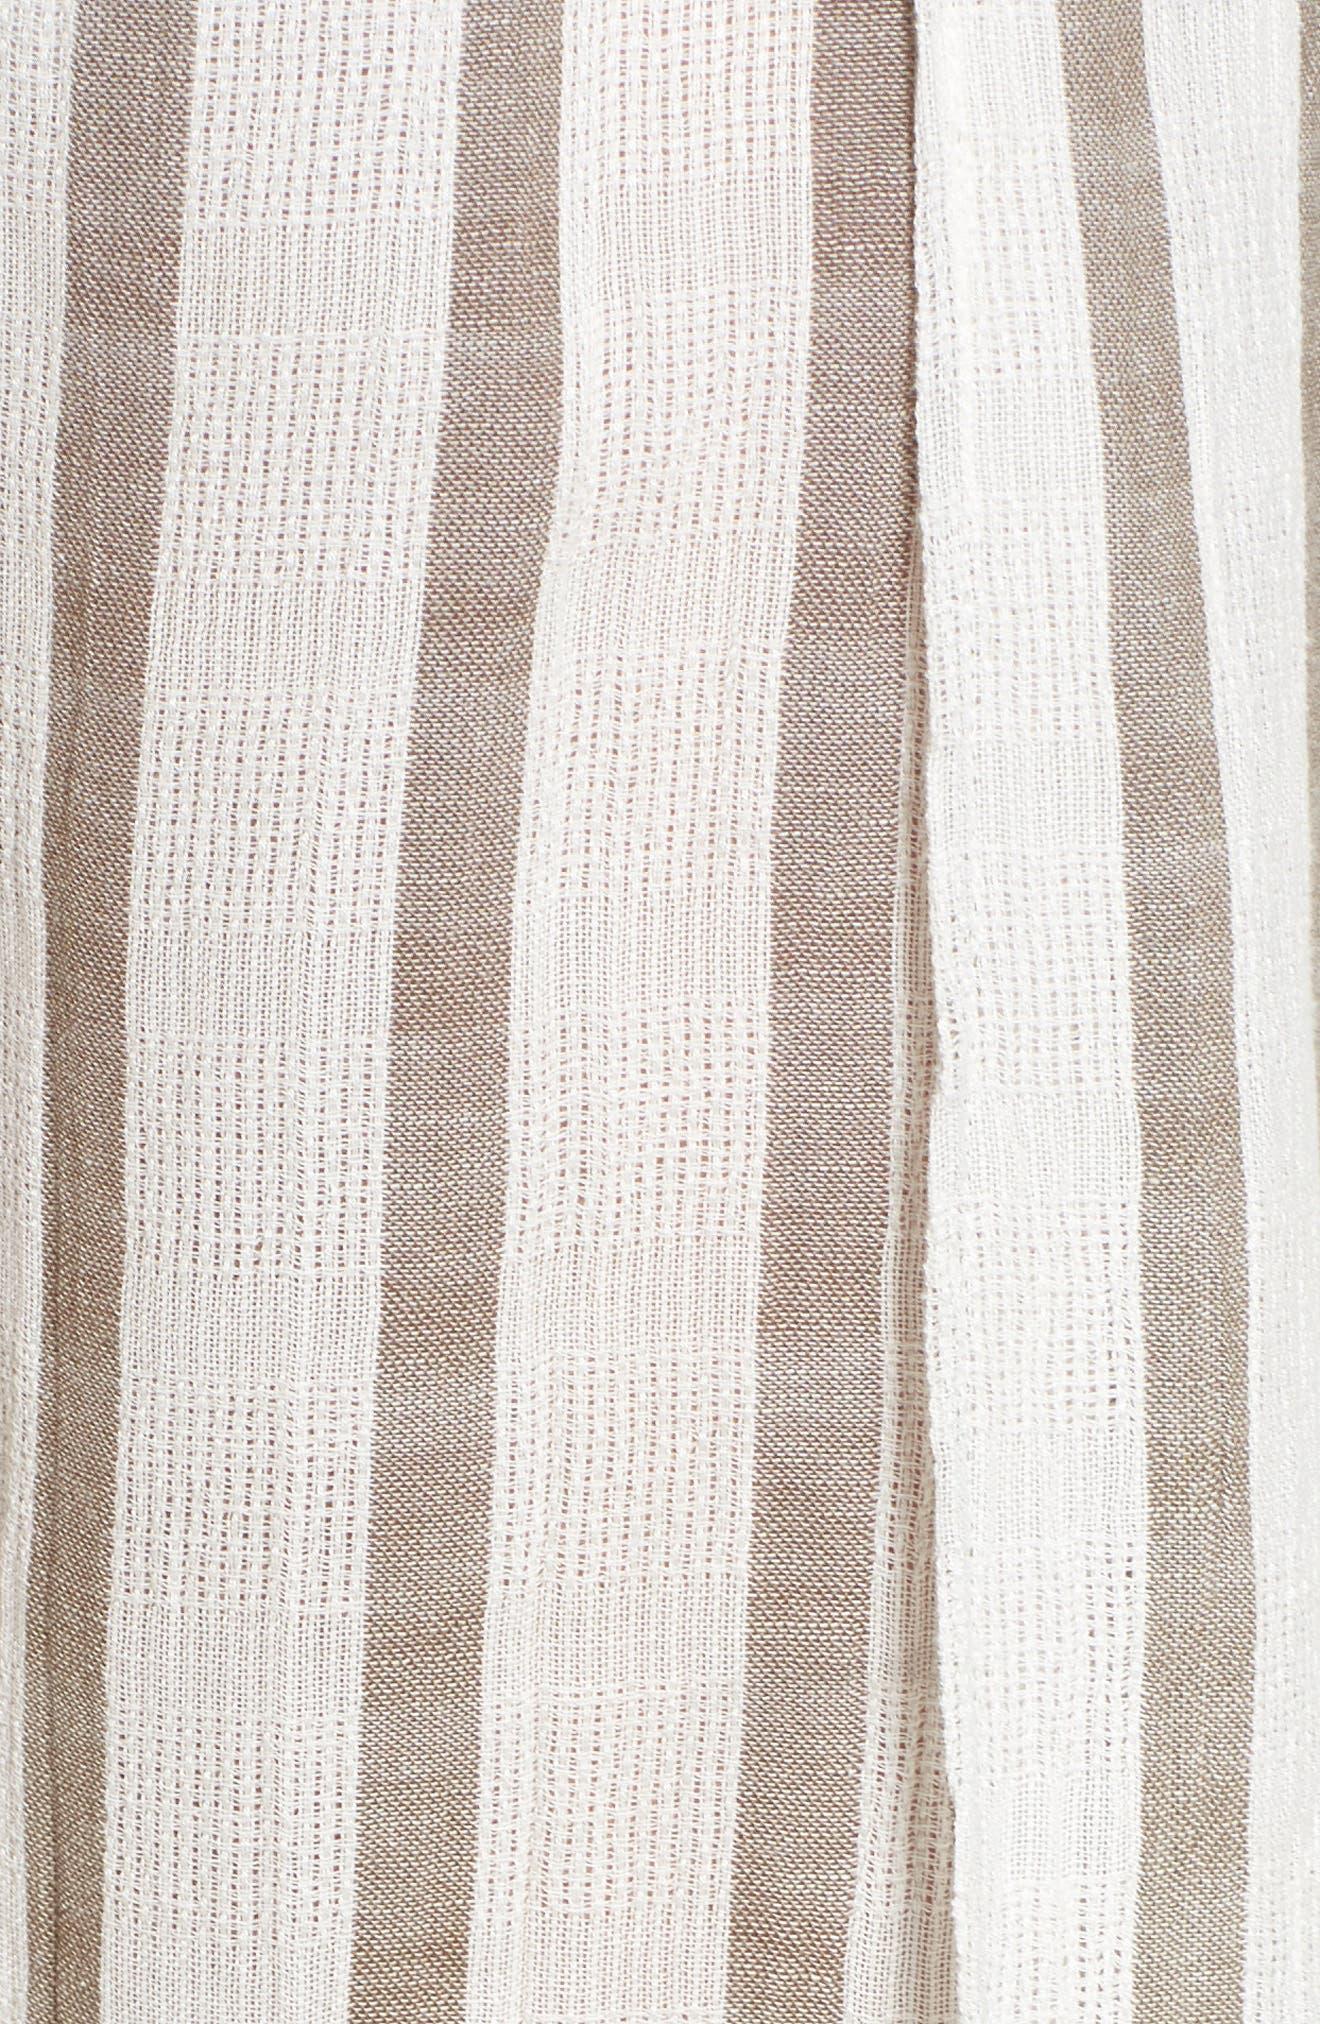 BECCA, Serengeti Cover-Up Pants, Alternate thumbnail 6, color, NATURAL